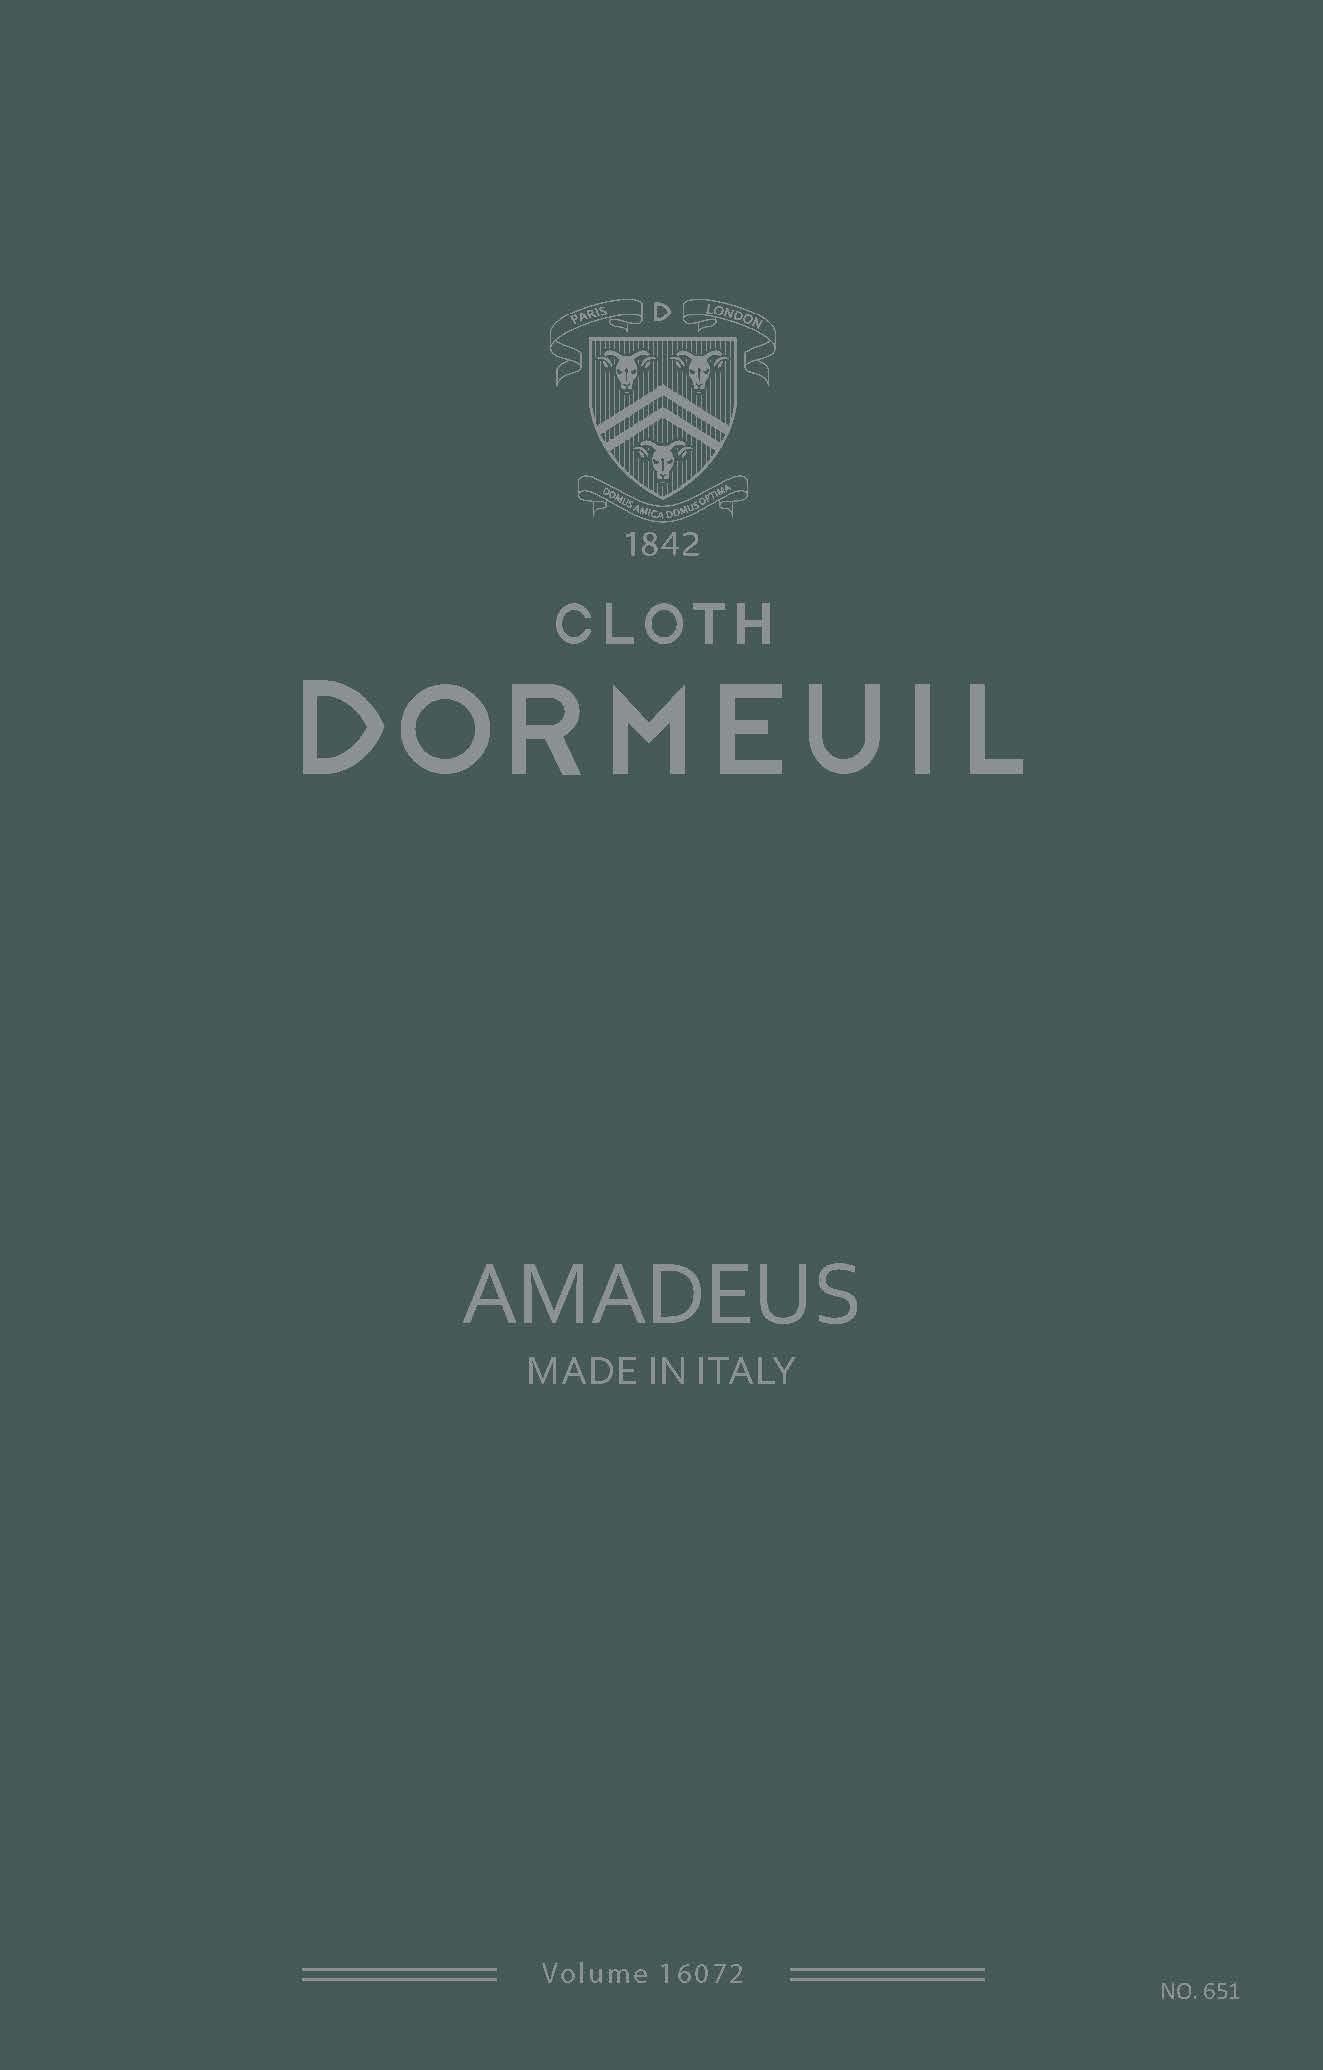 Dormeuil_Amadeus_651_V16072.jpg